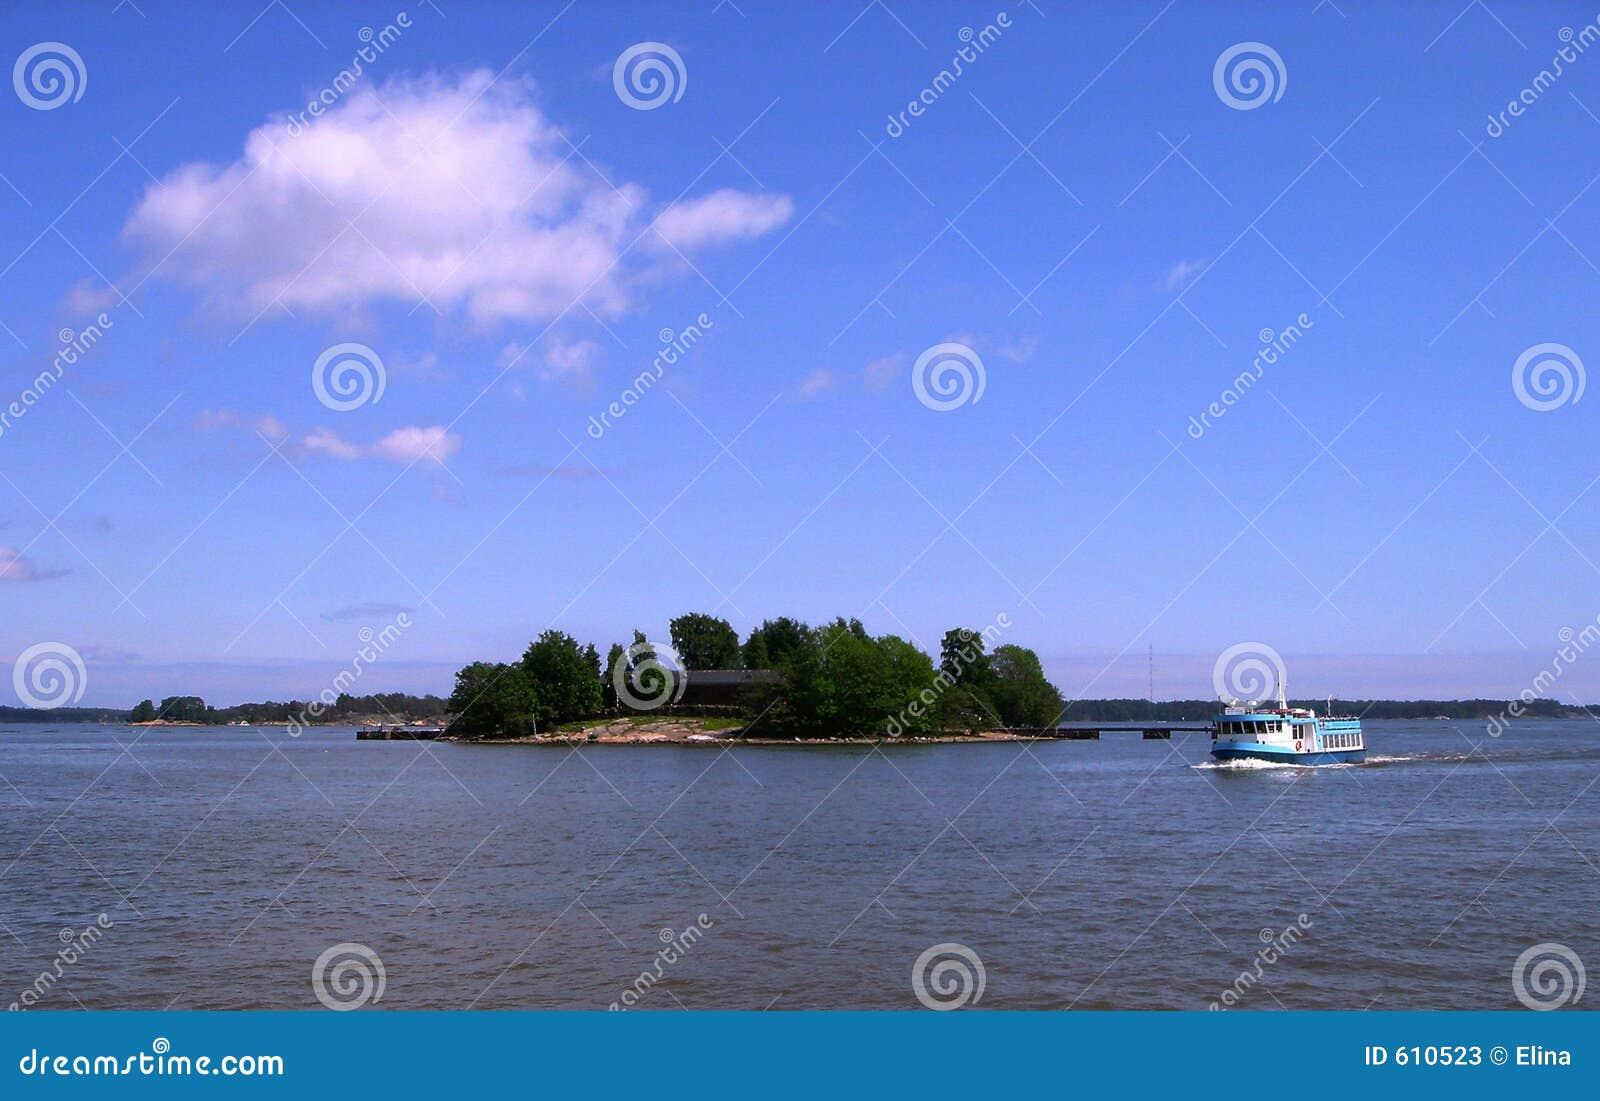 Eiland en schip